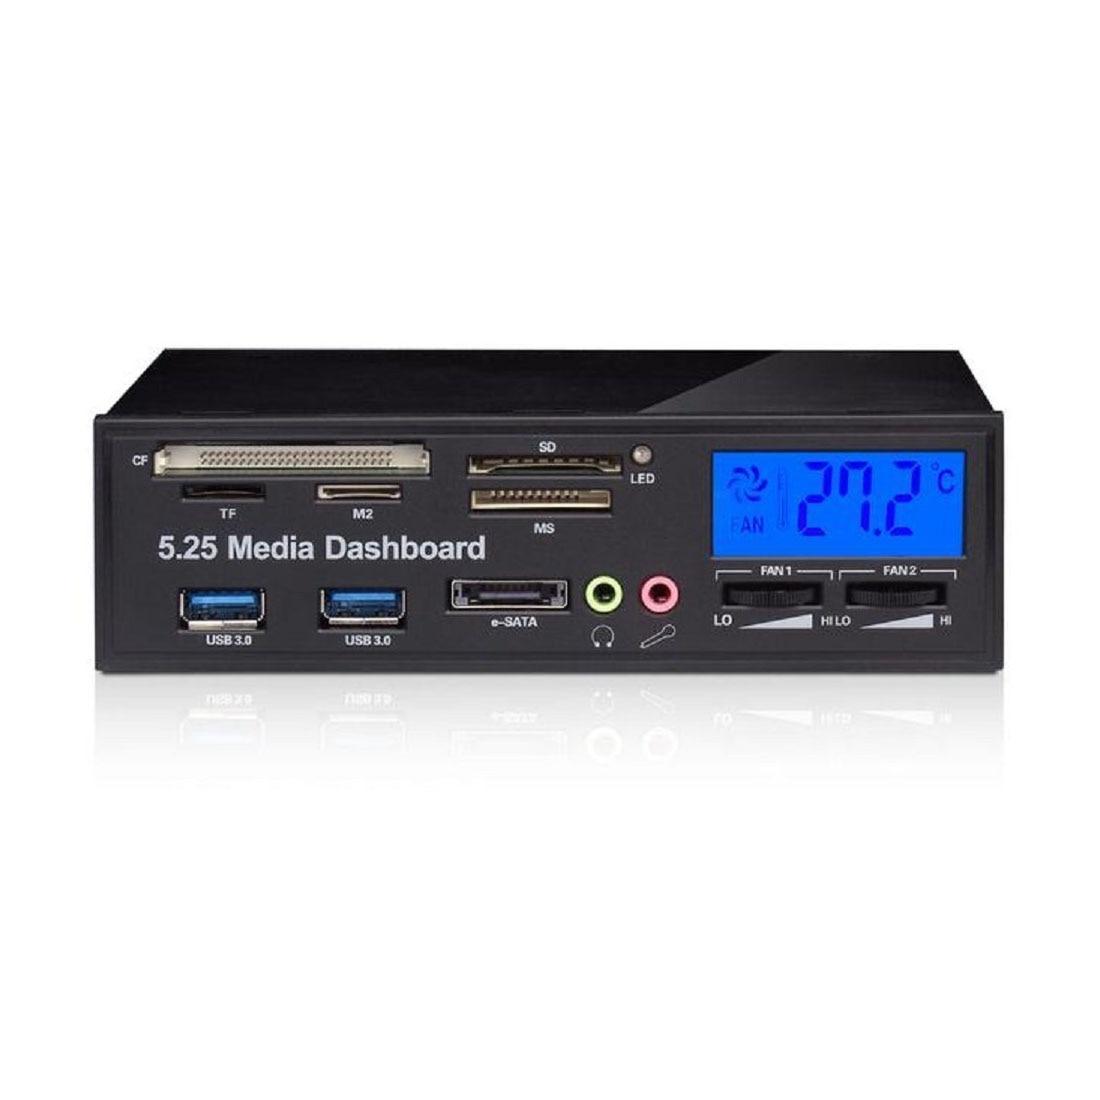 Multifuncionais painel de mídia painel frontal do computador de 5.25 polegadas com sata/esata, usb 2.0/usb 3.0, microfone/fone de ouvido de áudio po